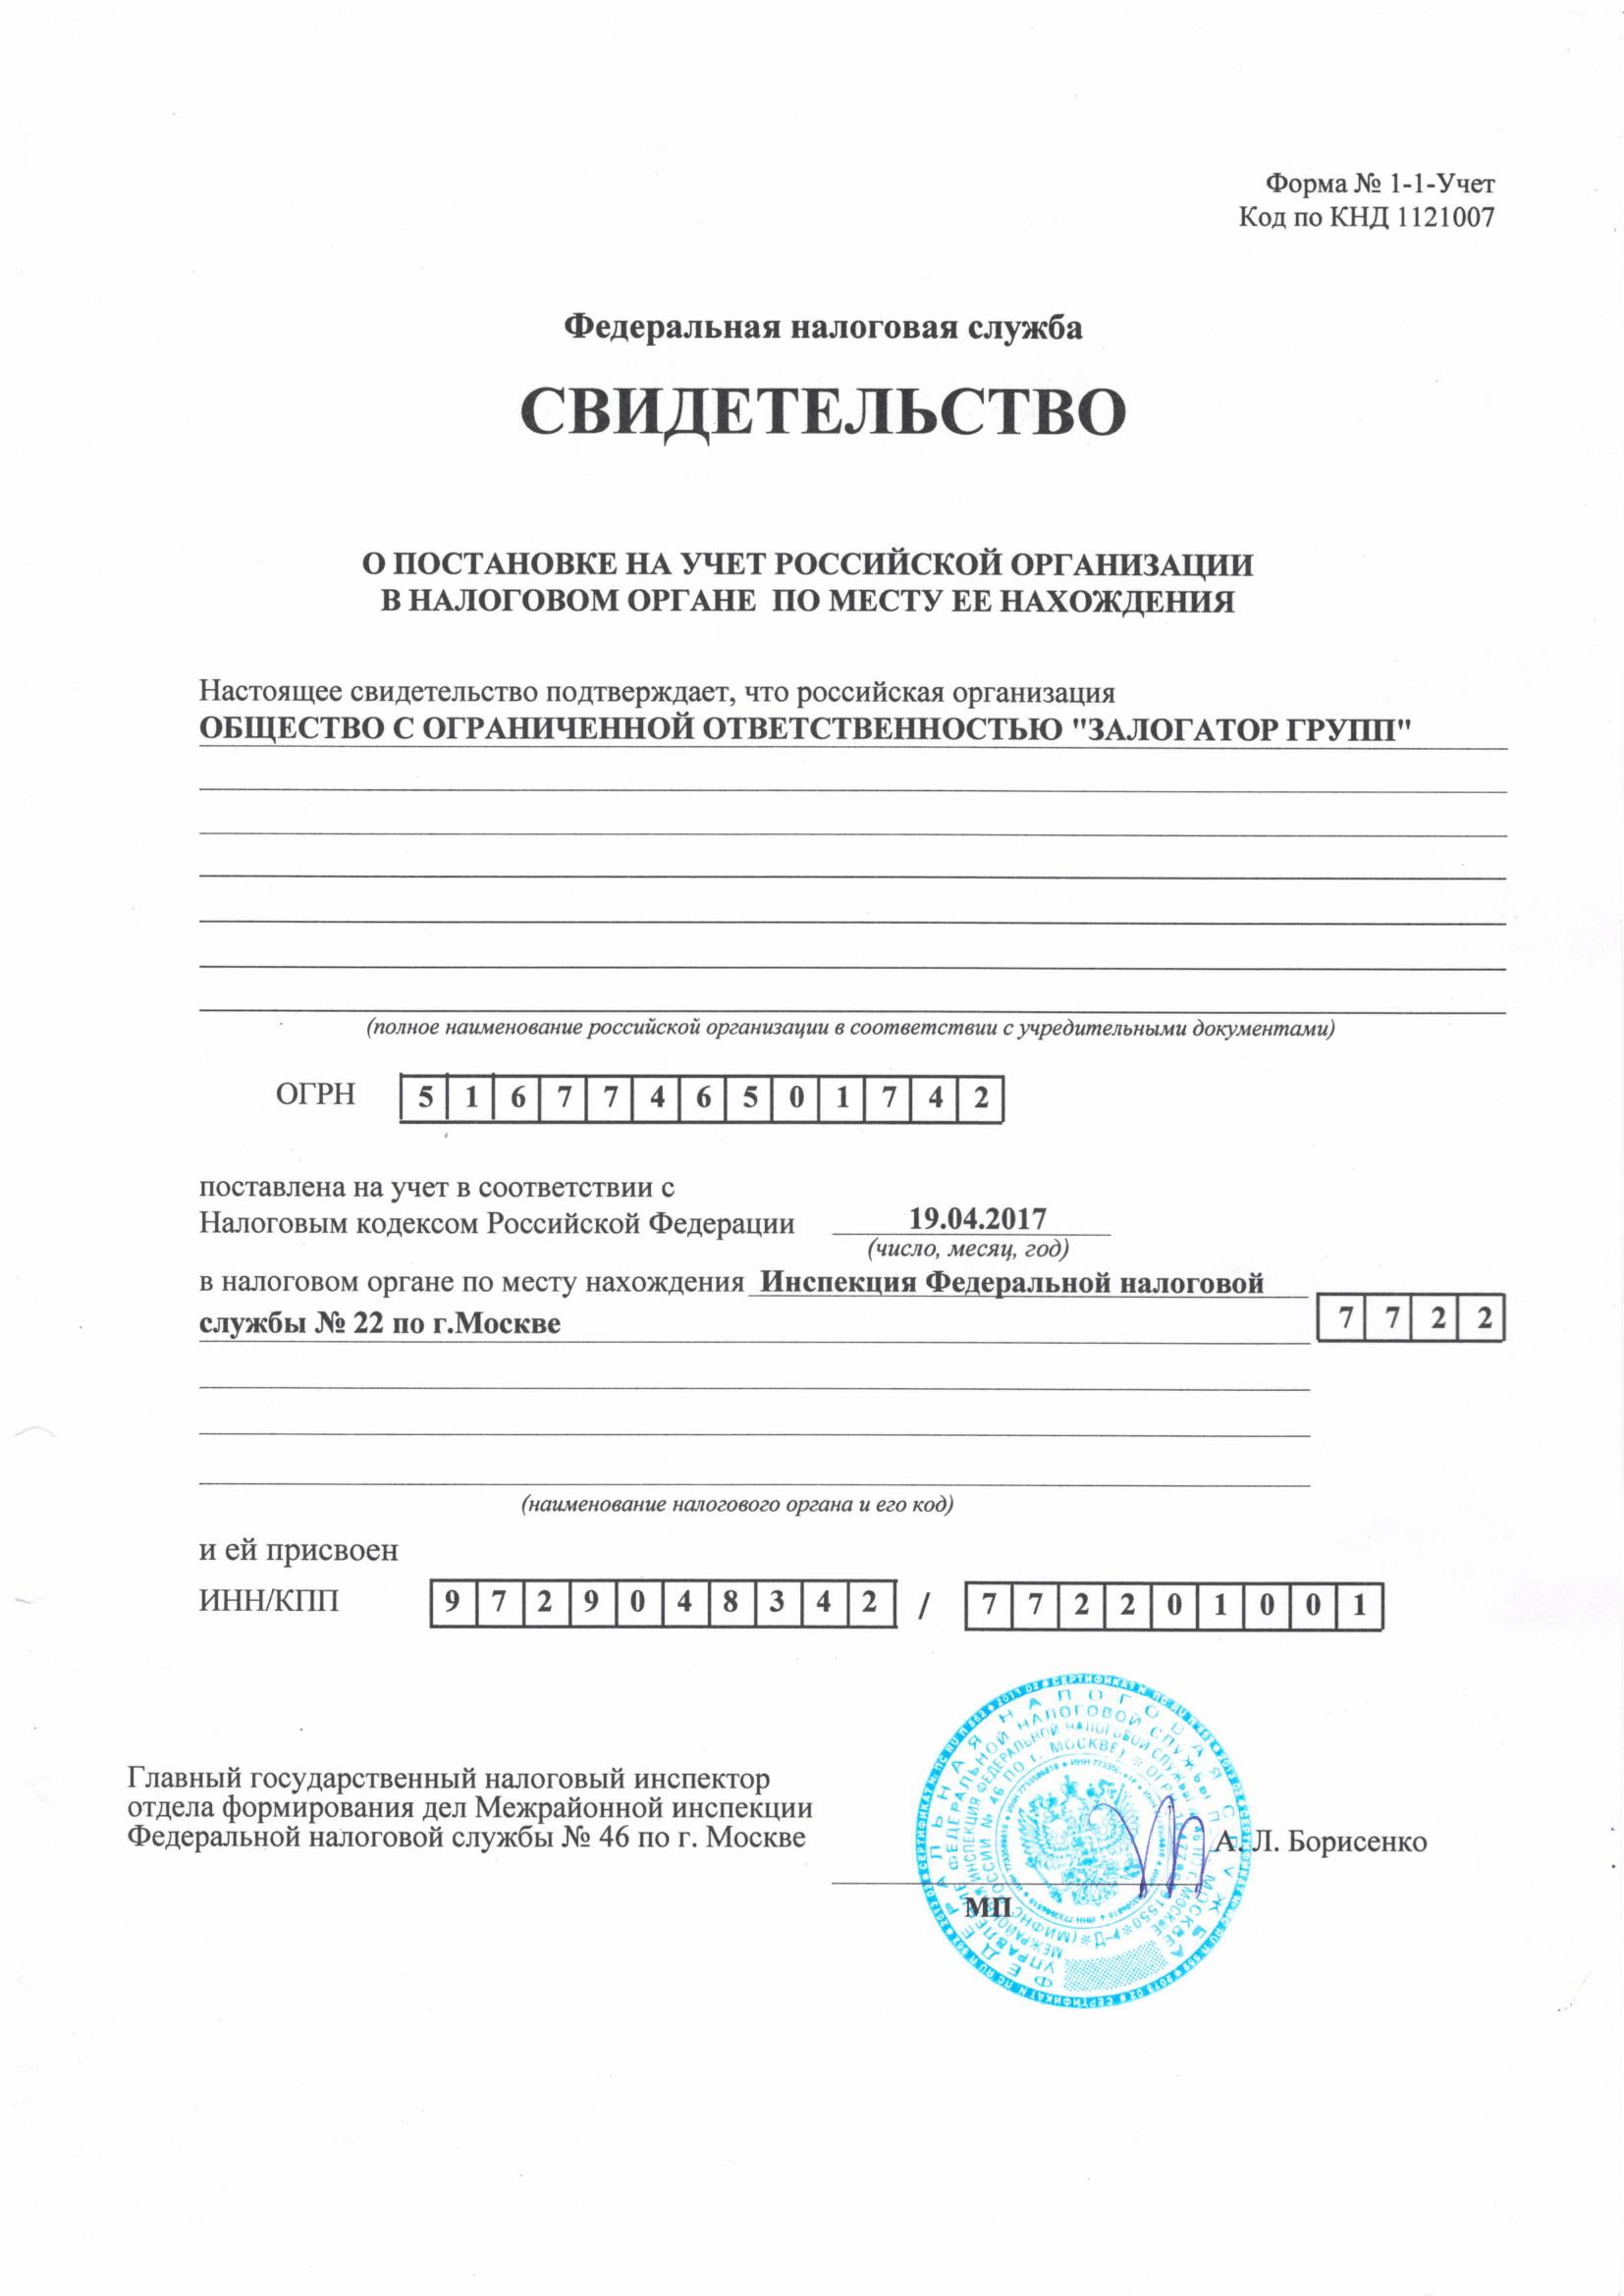 Займы под птс в москве Марьиной Рощи 3-й проезд займы под птс в москве Новоселки 2-я улица